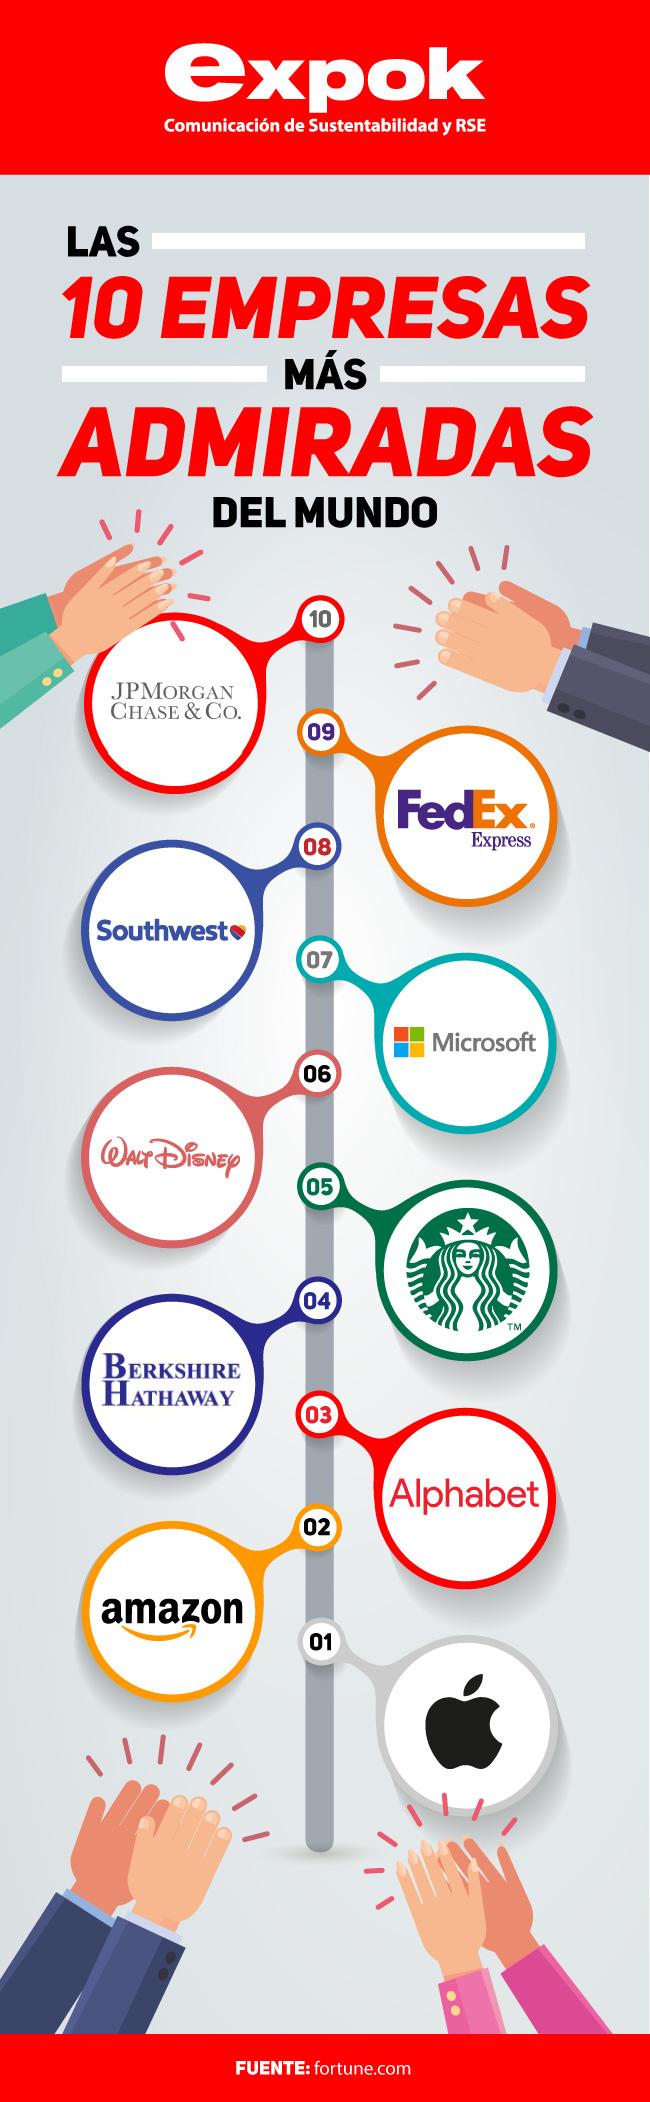 las empresas más admiradas del mundo 2018